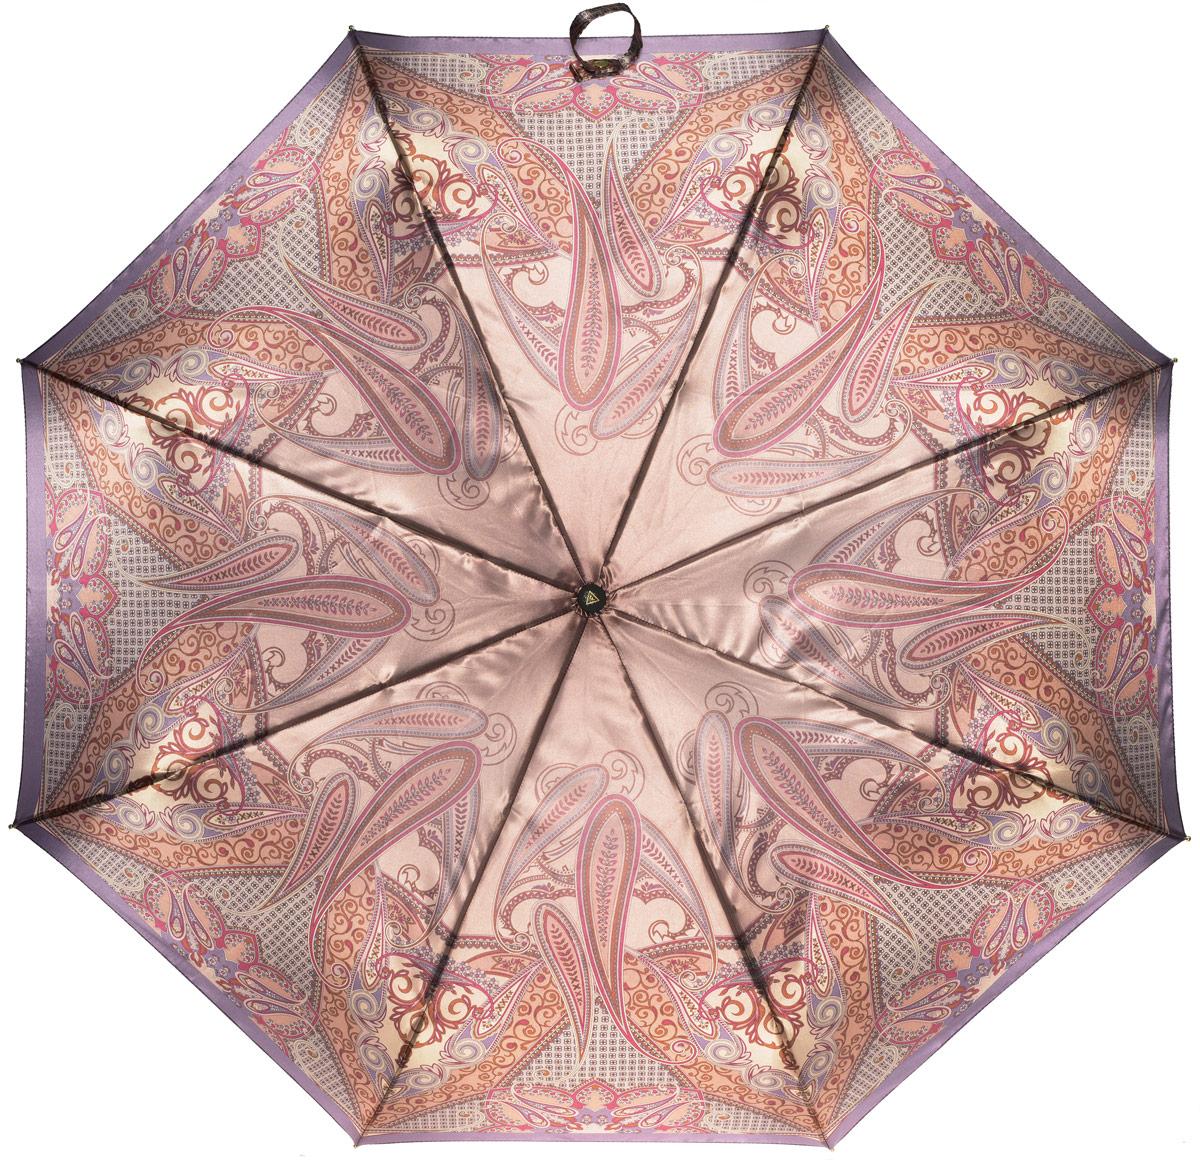 Зонт женский Fabretti, полный автомат, 3 сложения, цвет: бежевый, мультиколор. S-16102-5